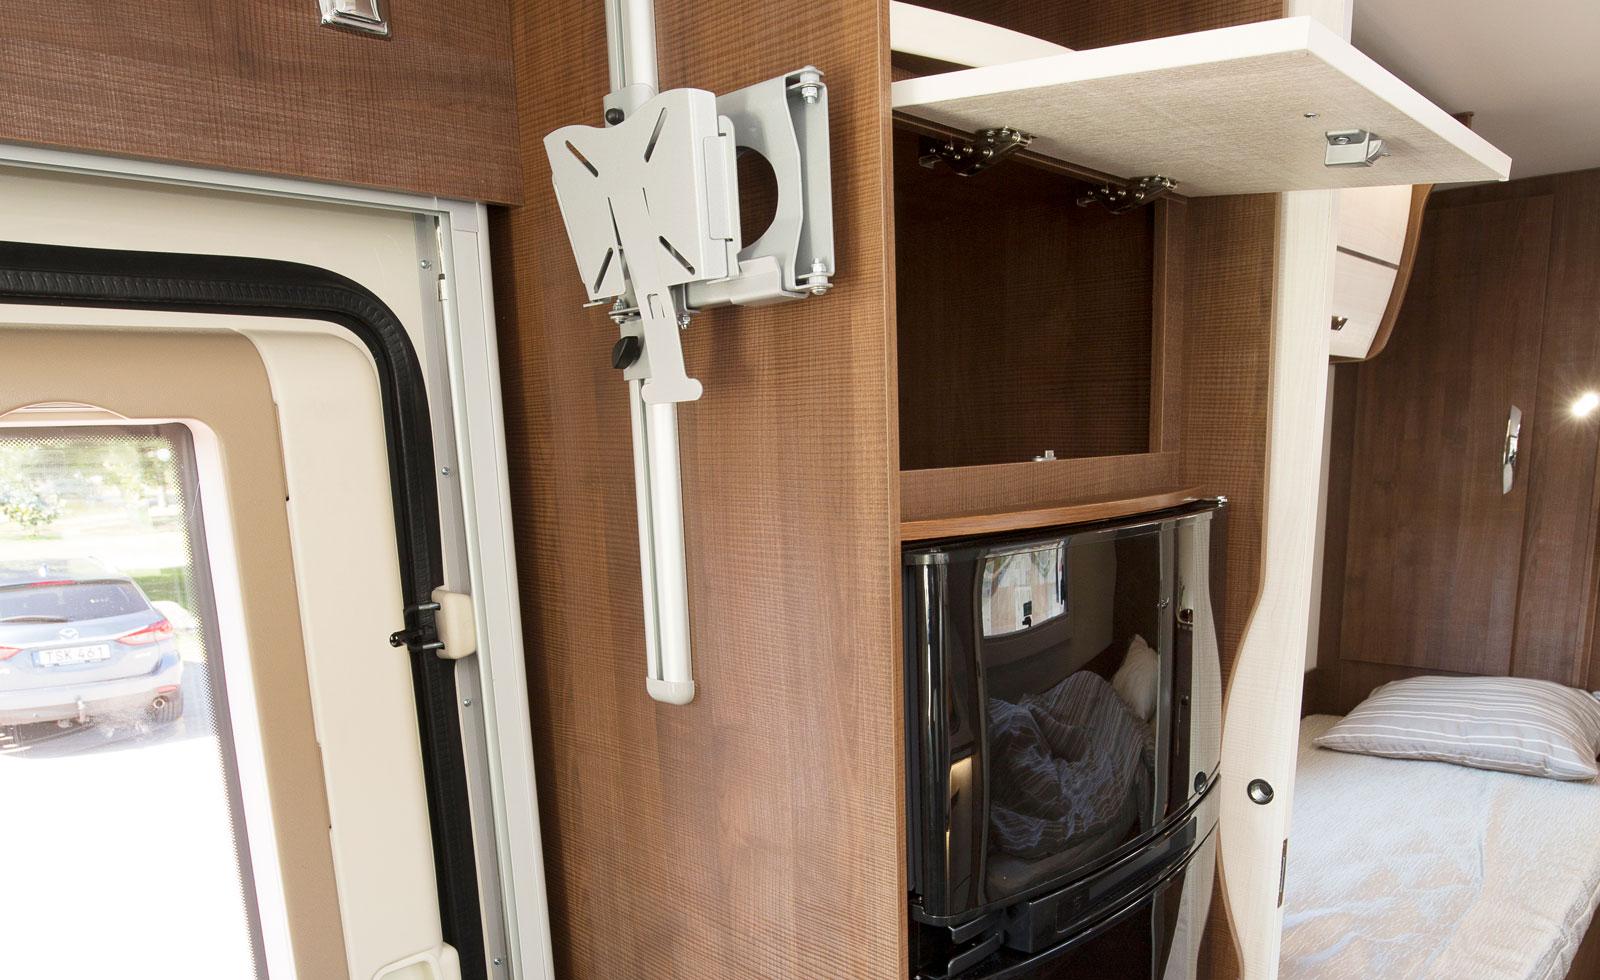 Entrédörren har fönster, skräpkorg och två låspunkter. Ledstång finns till hands. Tv-armen kan skjutas i höjdled på en skena.